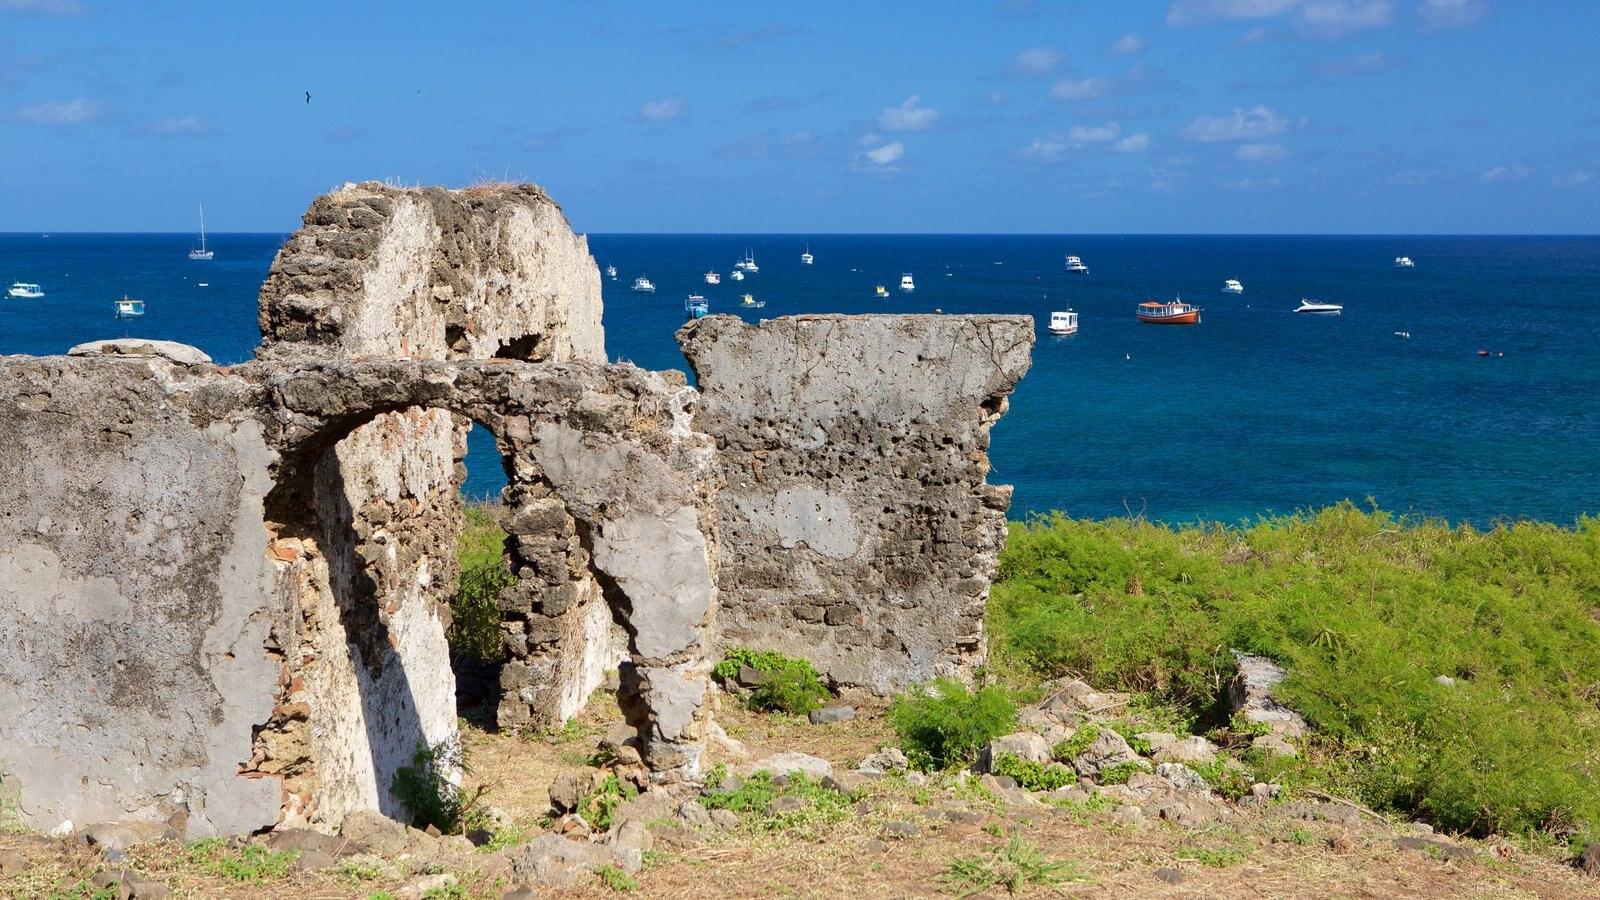 Ruínas do Forte de Santo Antônio que inclui ruínas de edifício e paisagens litorâneas